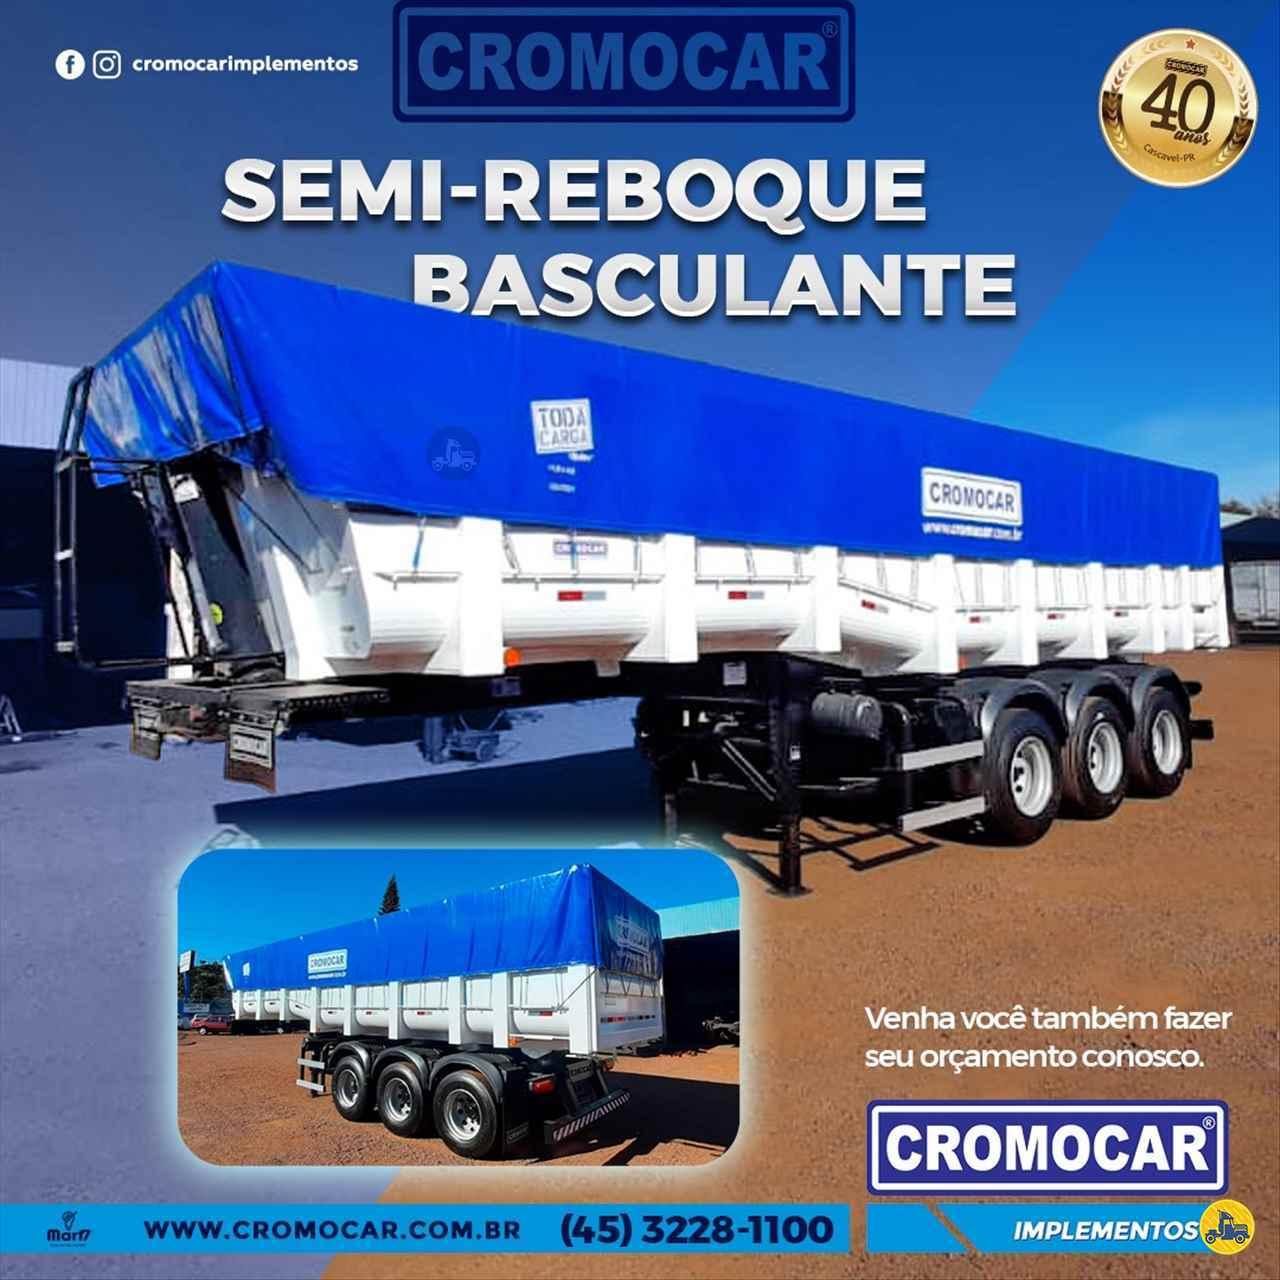 CARRETA SEMI-REBOQUE BASCULANTE Cromocar Implementos Rodoviários CASCAVEL PARANÁ PR